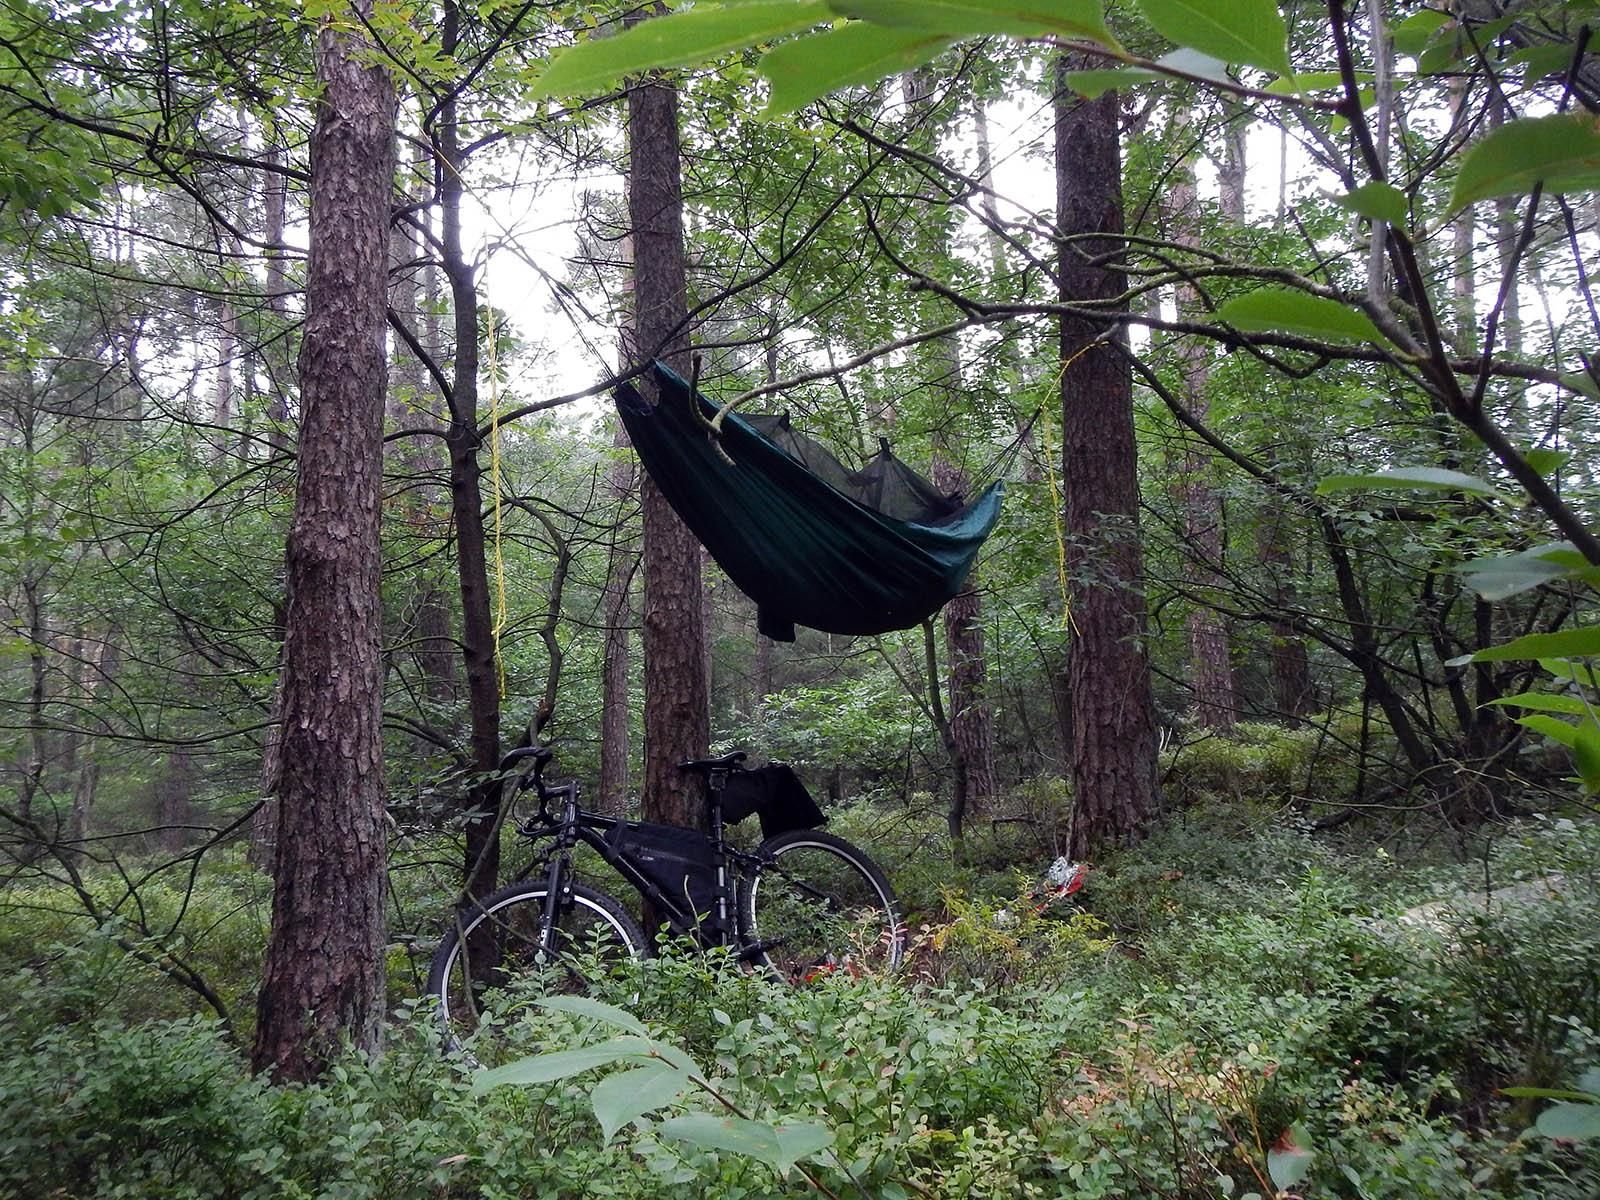 Hangmat kamperen